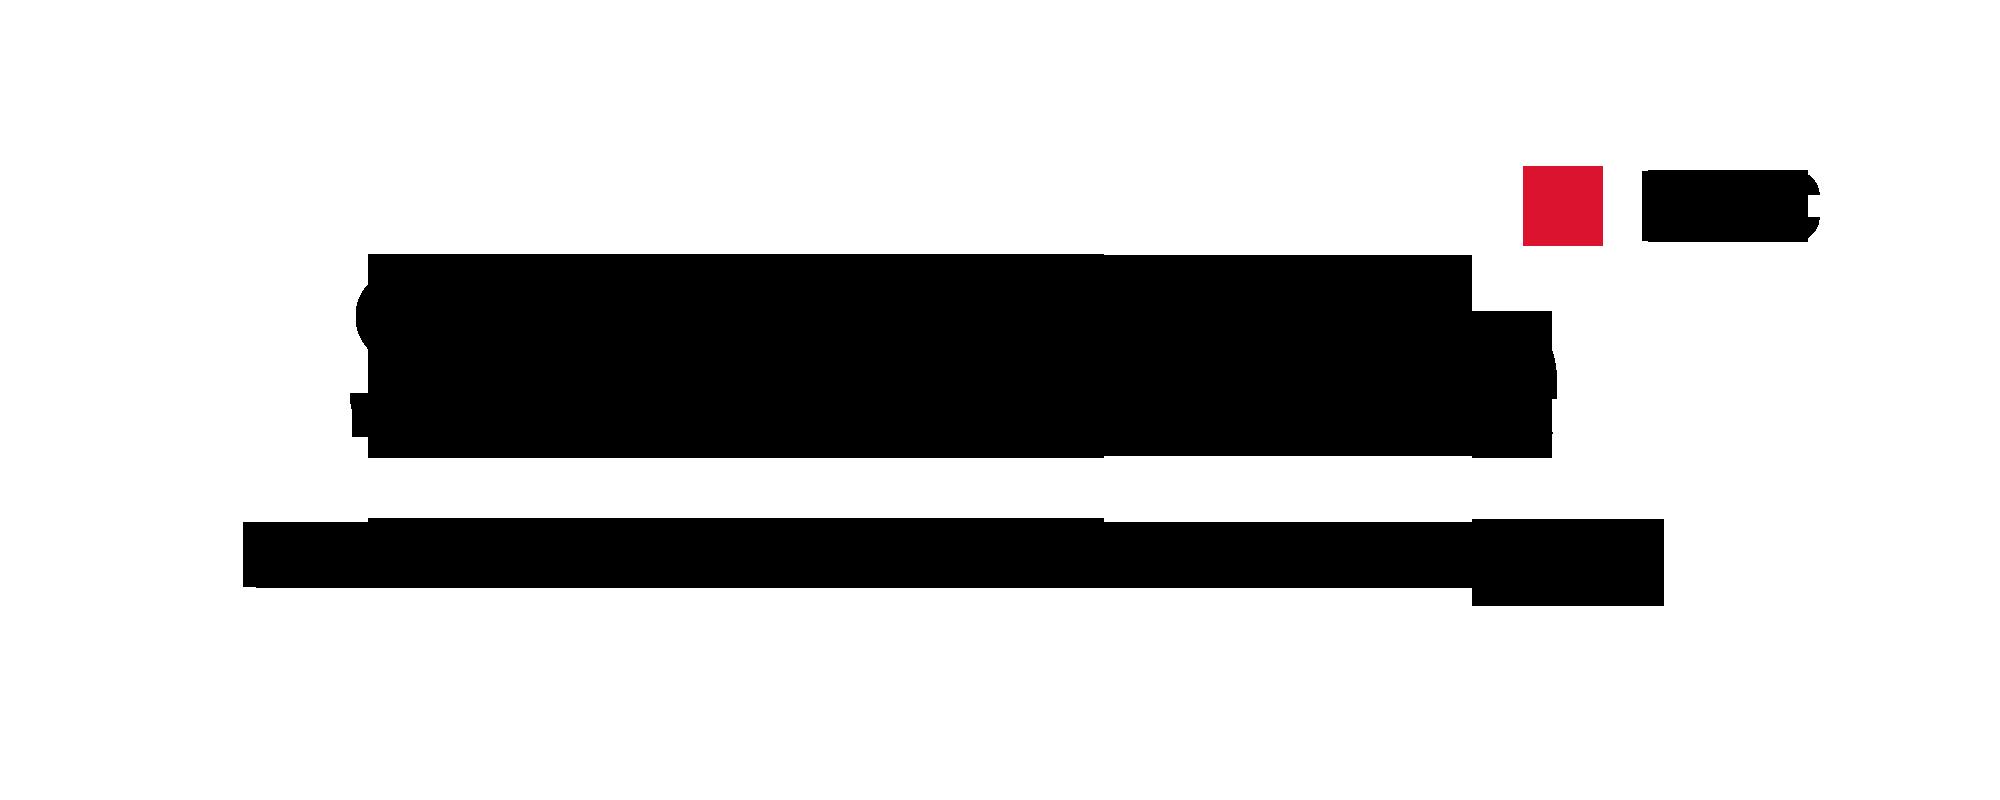 Silver-SlidesLive-logo-black.png